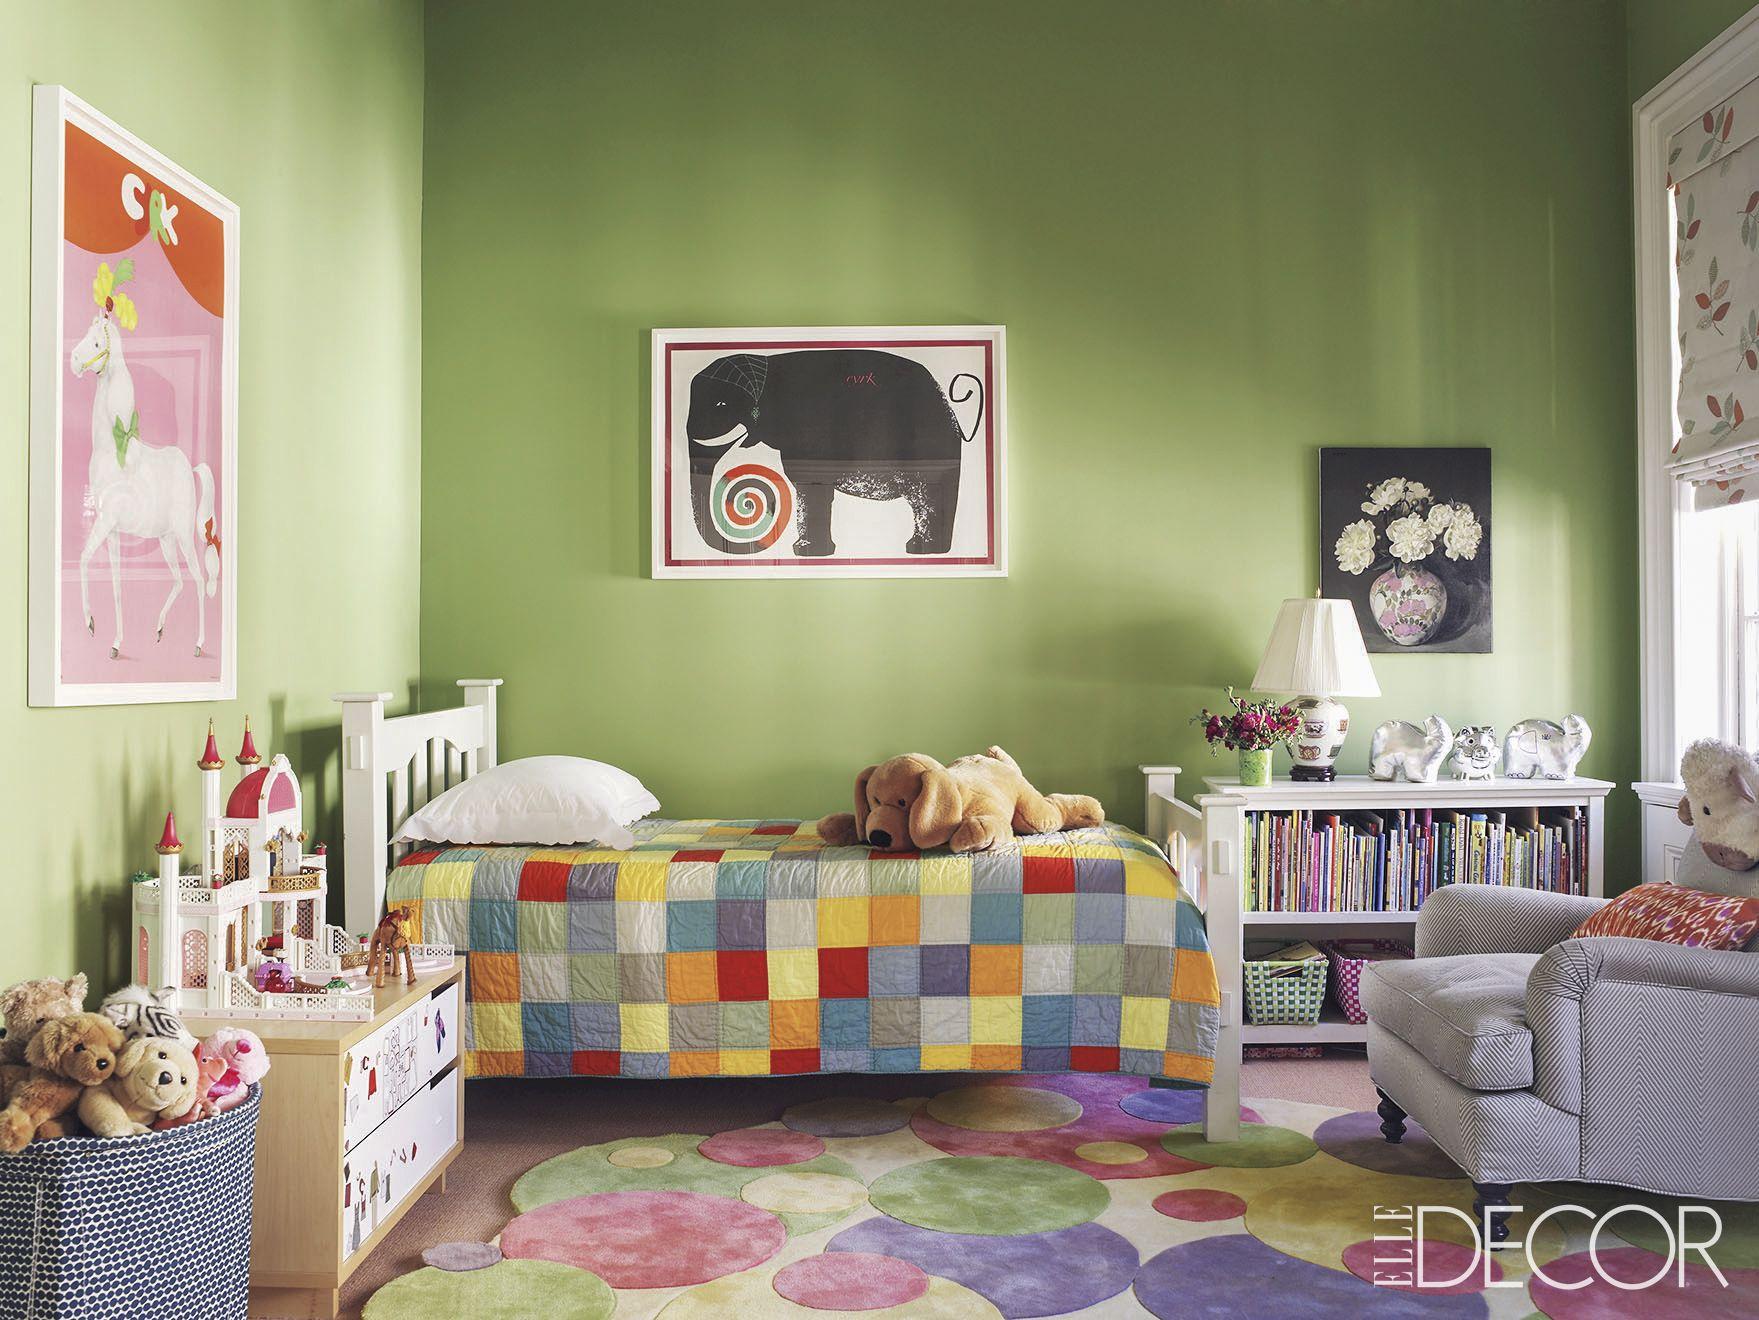 kids room decorating ideas & 18 Cool Kidsu0027 Room Decorating Ideas - Kids Room Decor